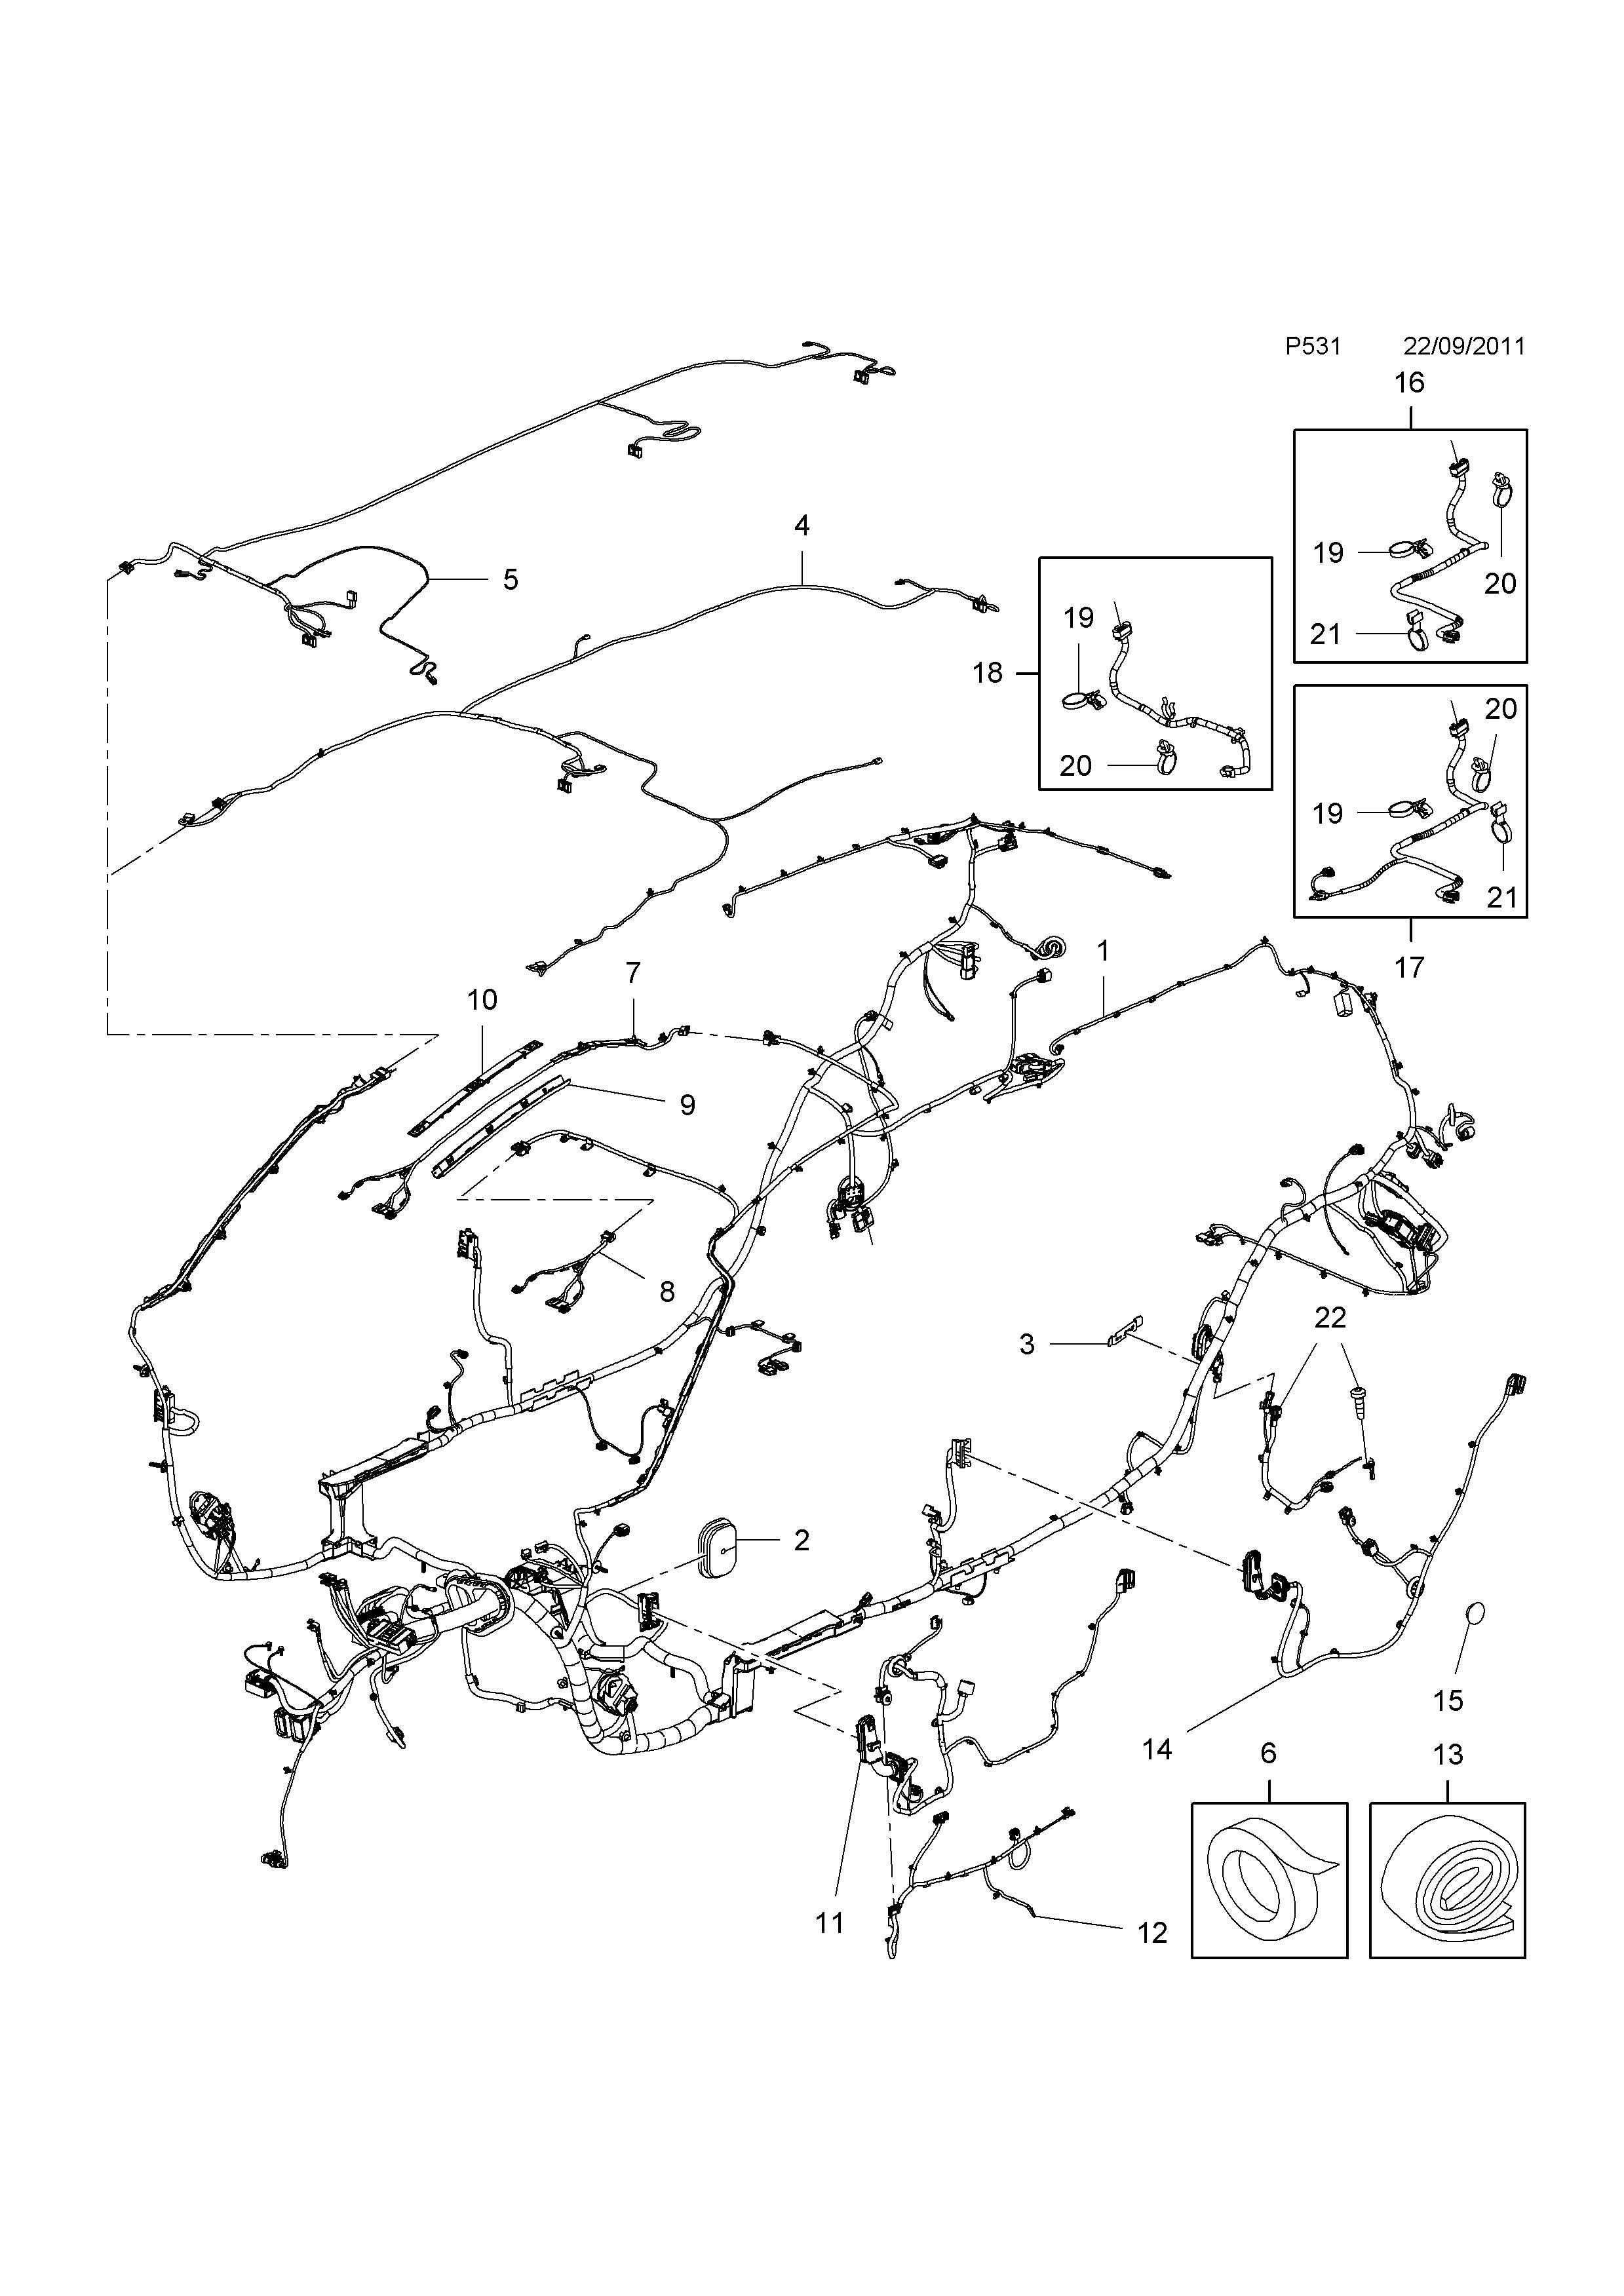 Electic Gm Wiring Harness Diagram Door Locks - Wiring Schematics